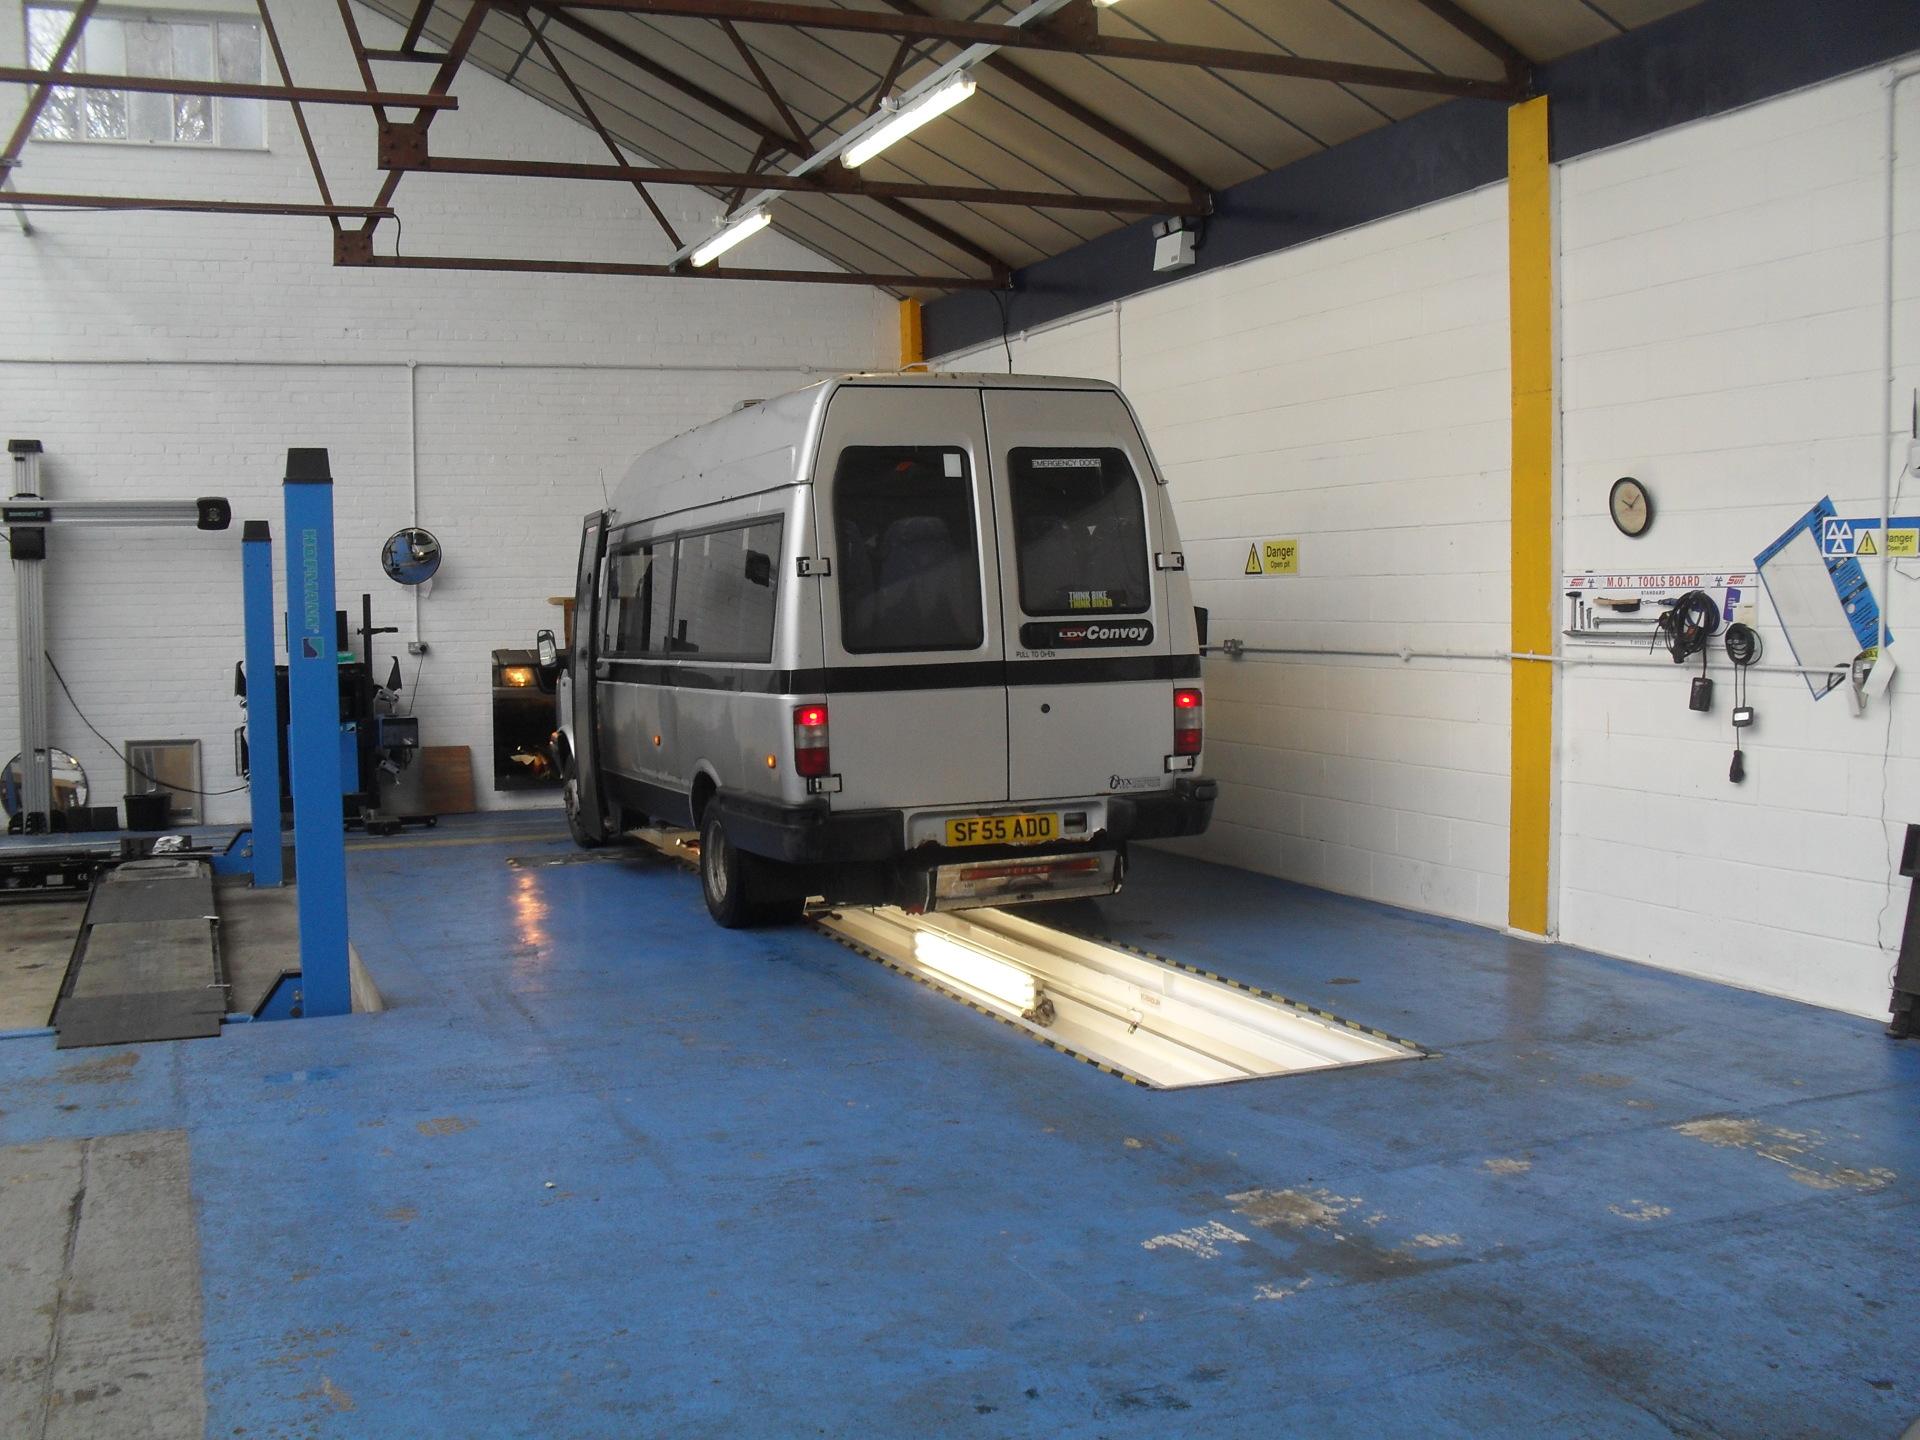 About TA Lingard Motors Berkhampsted Garage